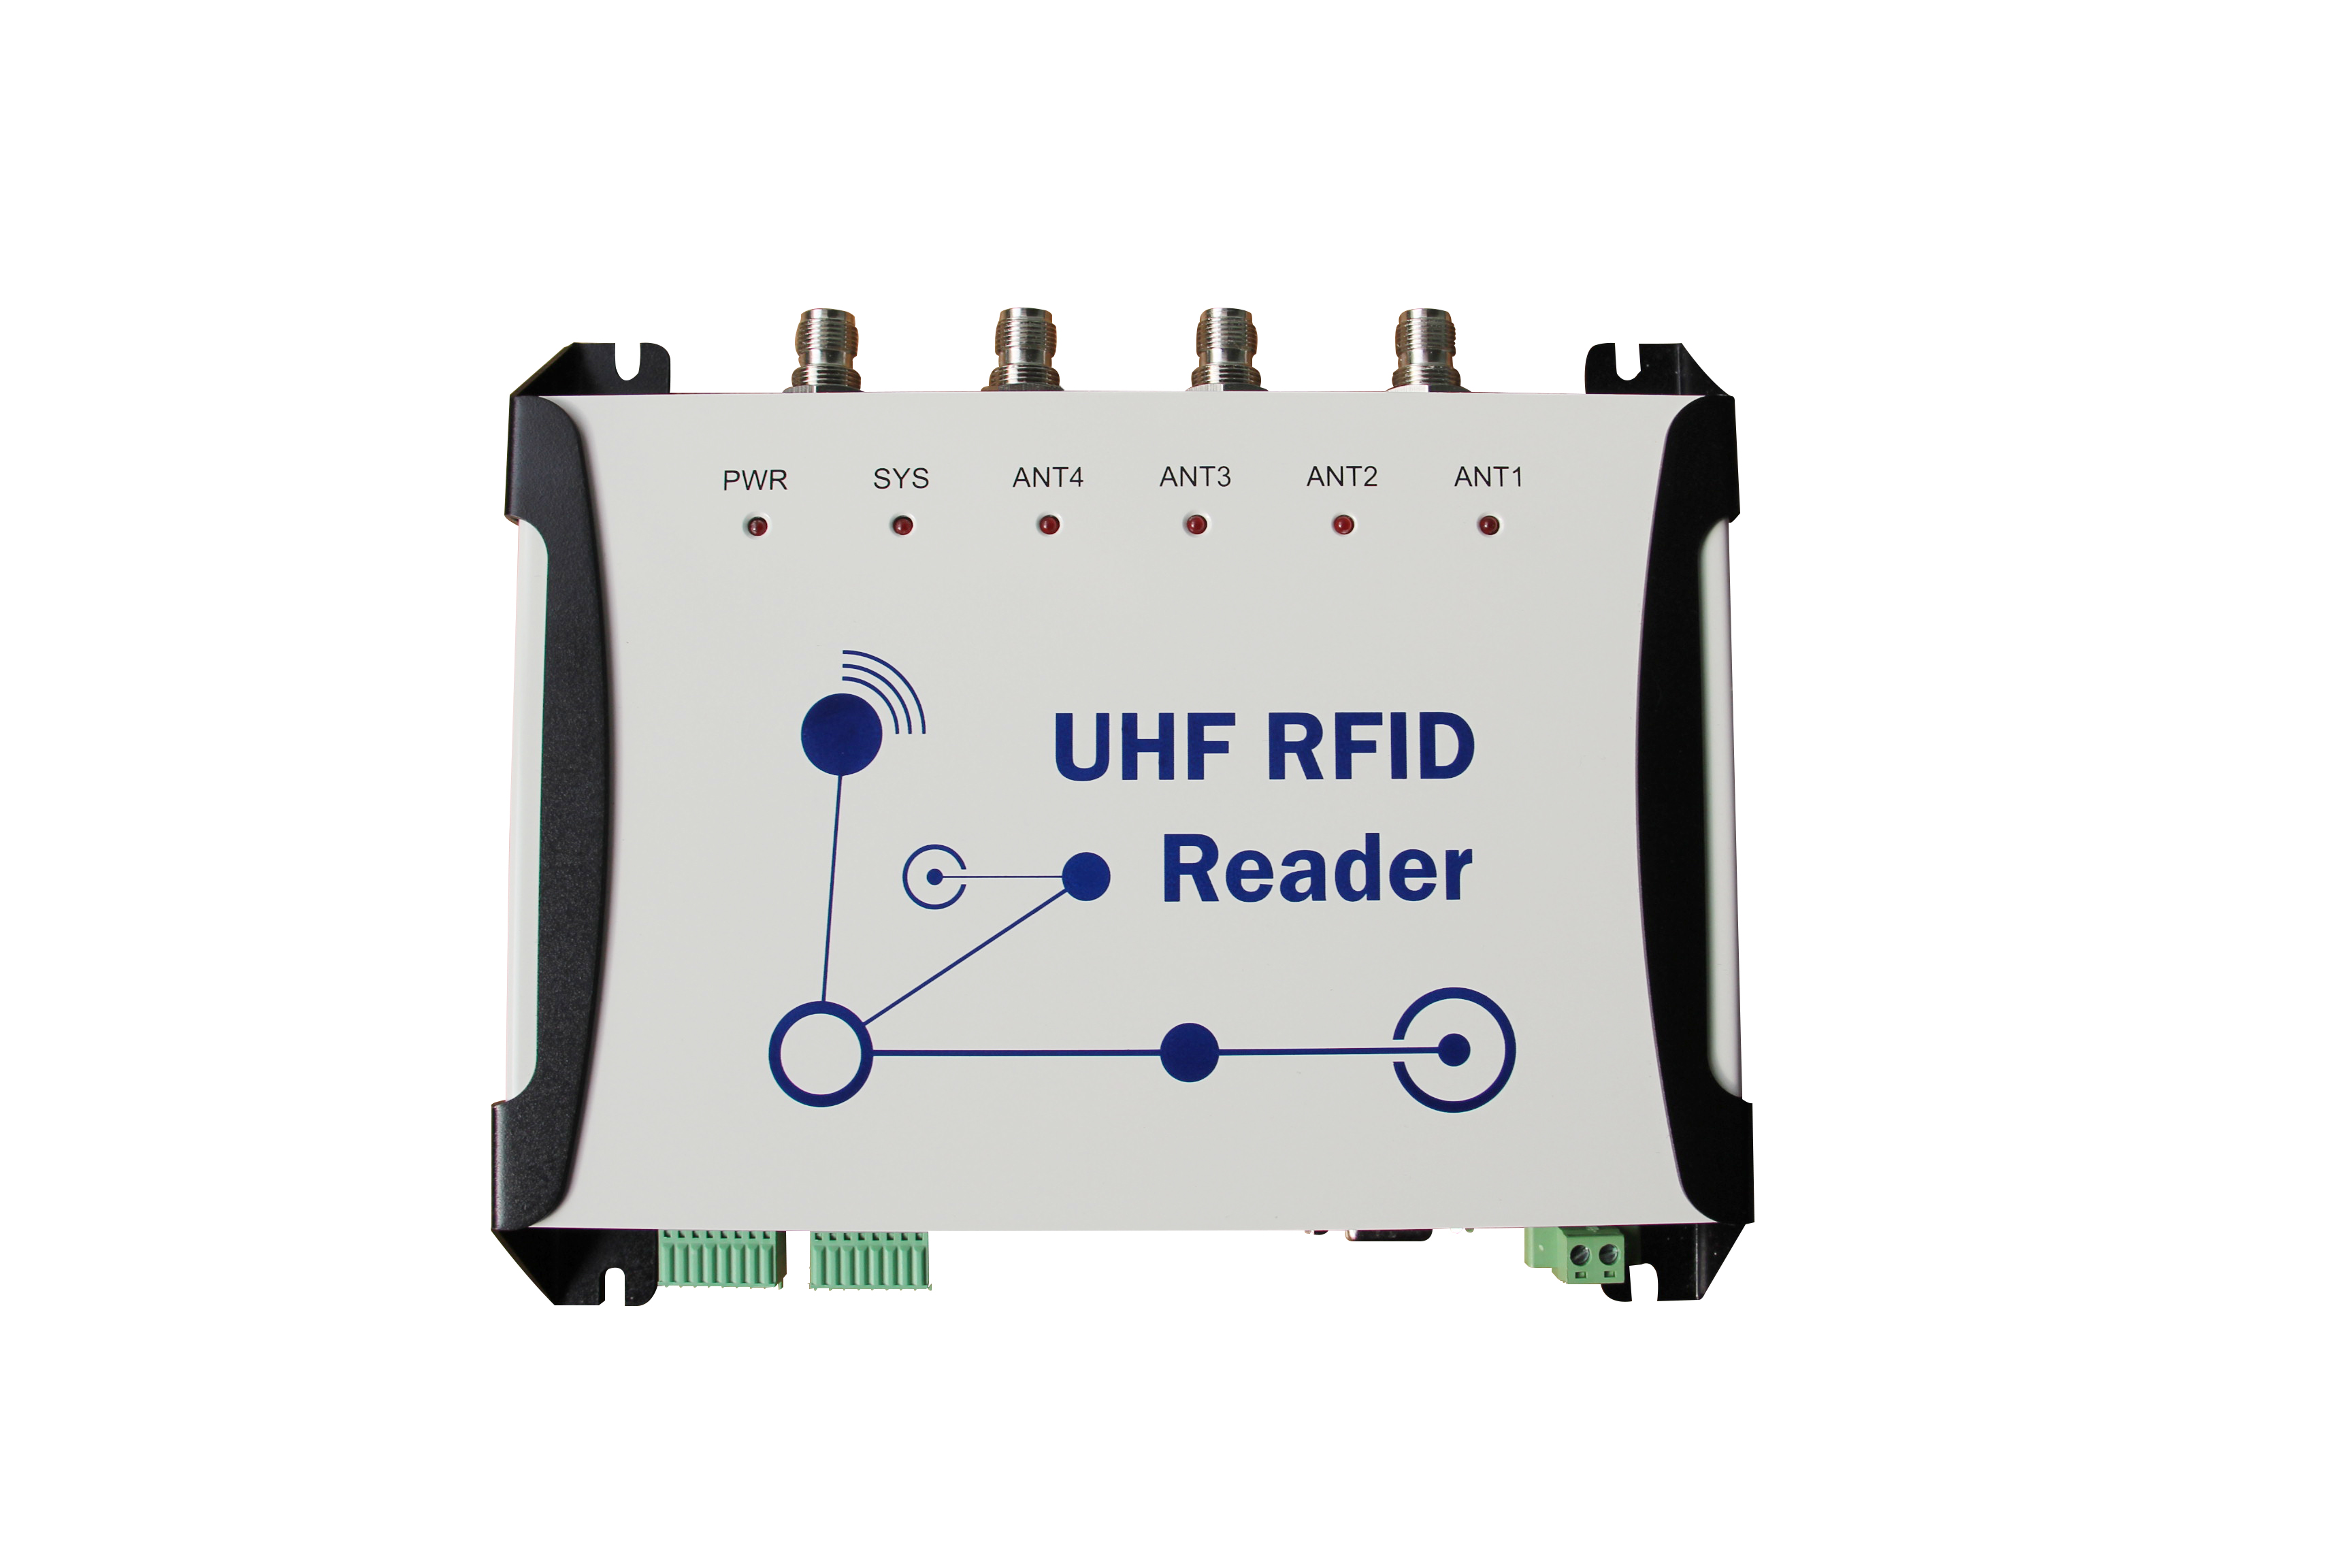 睿时信RM-7014射频识别(RFID)设备